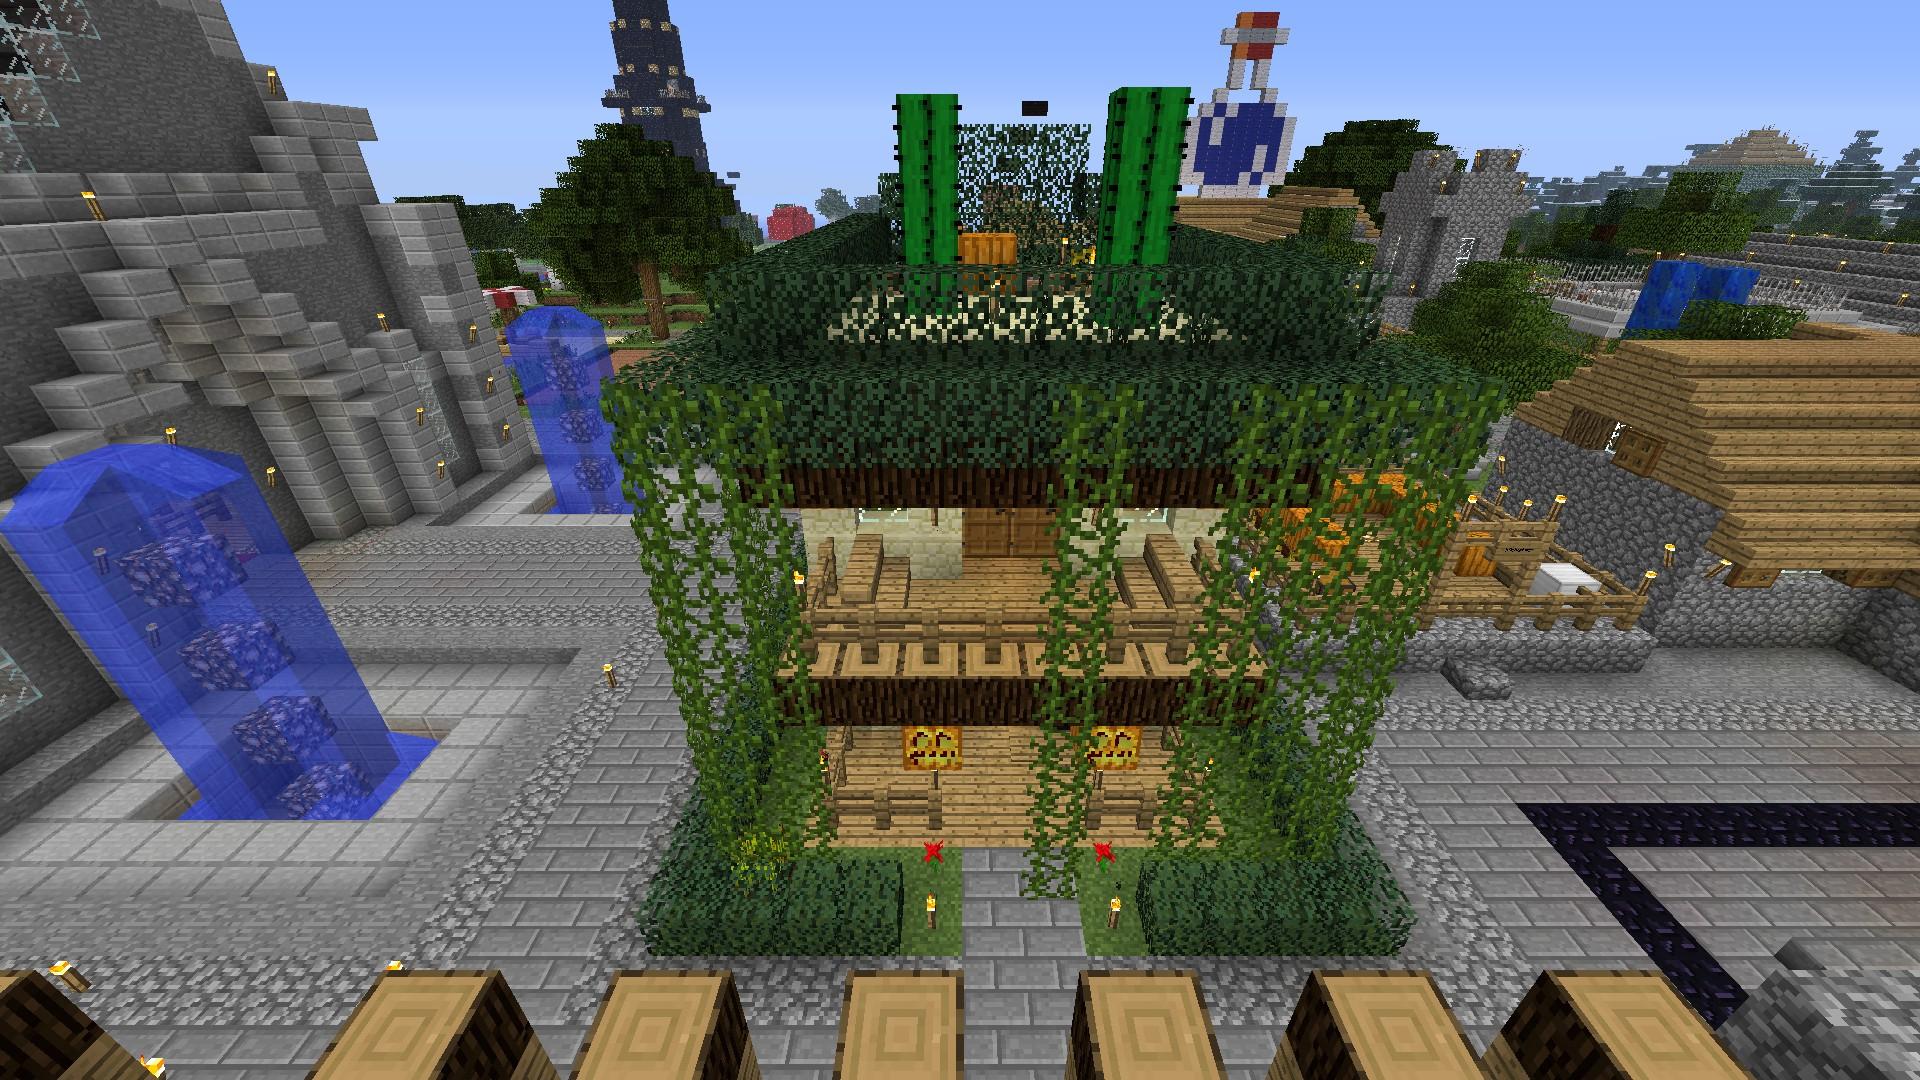 E Minecraft Für Xbox One Ist Ein Neues Spiel News - Minecraft spielen echt